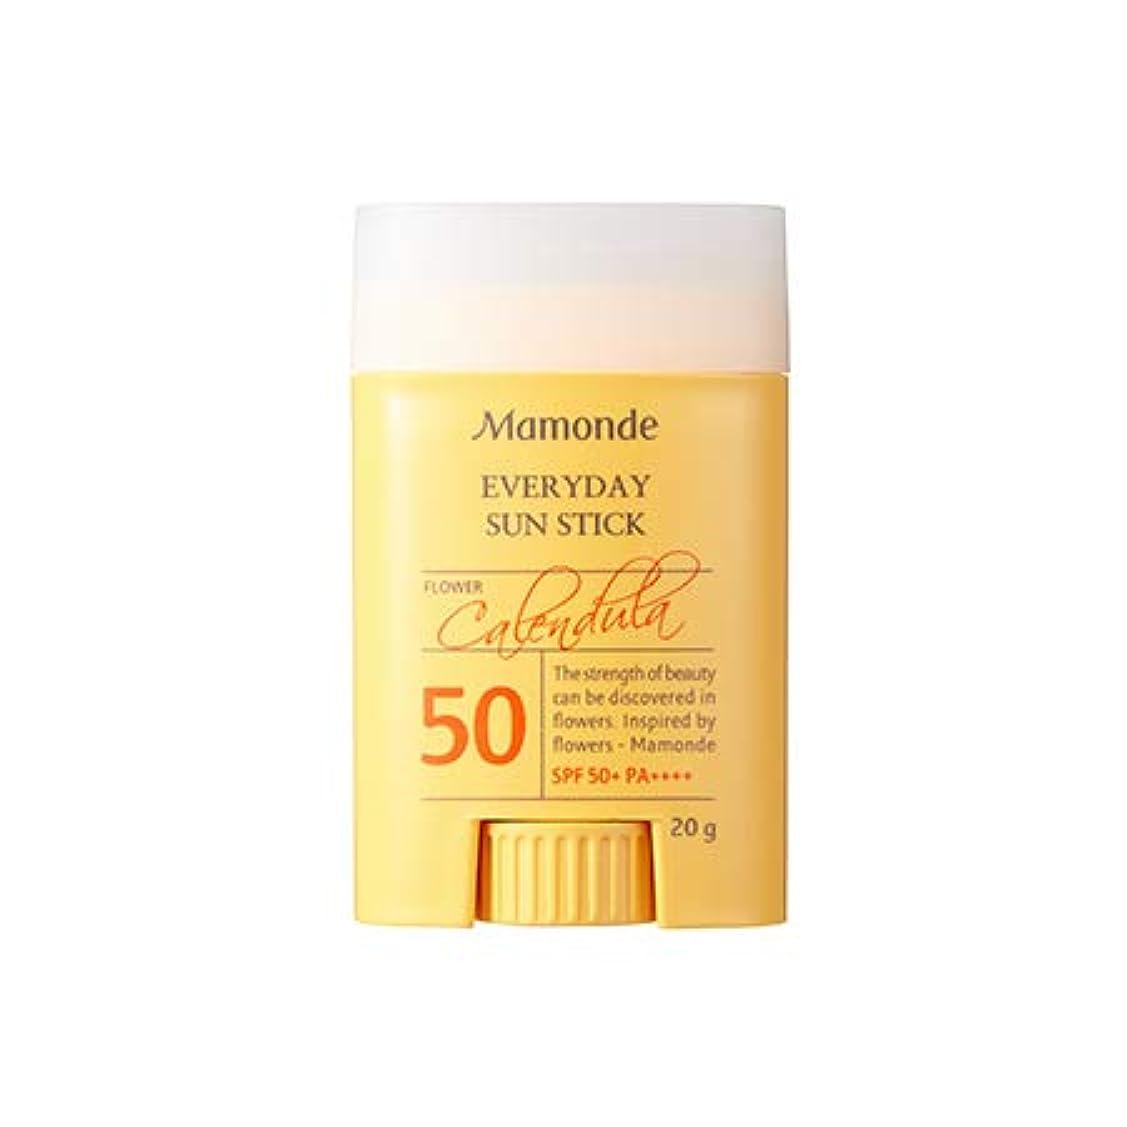 代わりに控える匿名Mamonde Everyday Sun Stick 20g マモンド エブリデーサンスティック (SPF50+/PA++++) [並行輸入品]